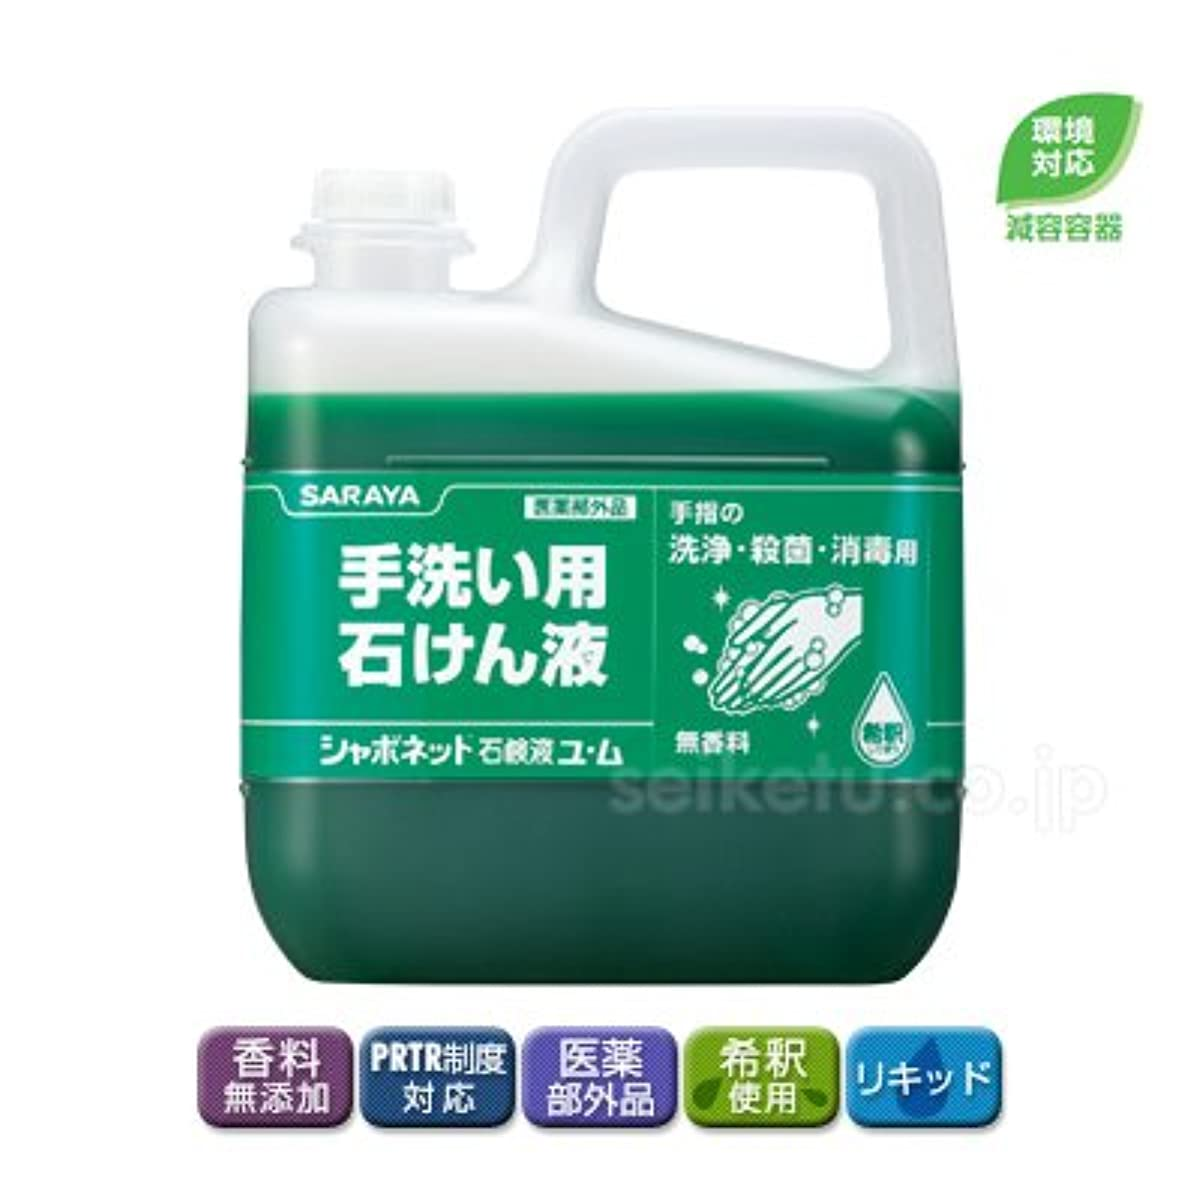 飛び込むパドル才能【清潔キレイ館】サラヤ シャボネット石鹸液ユ?ム(5kg)